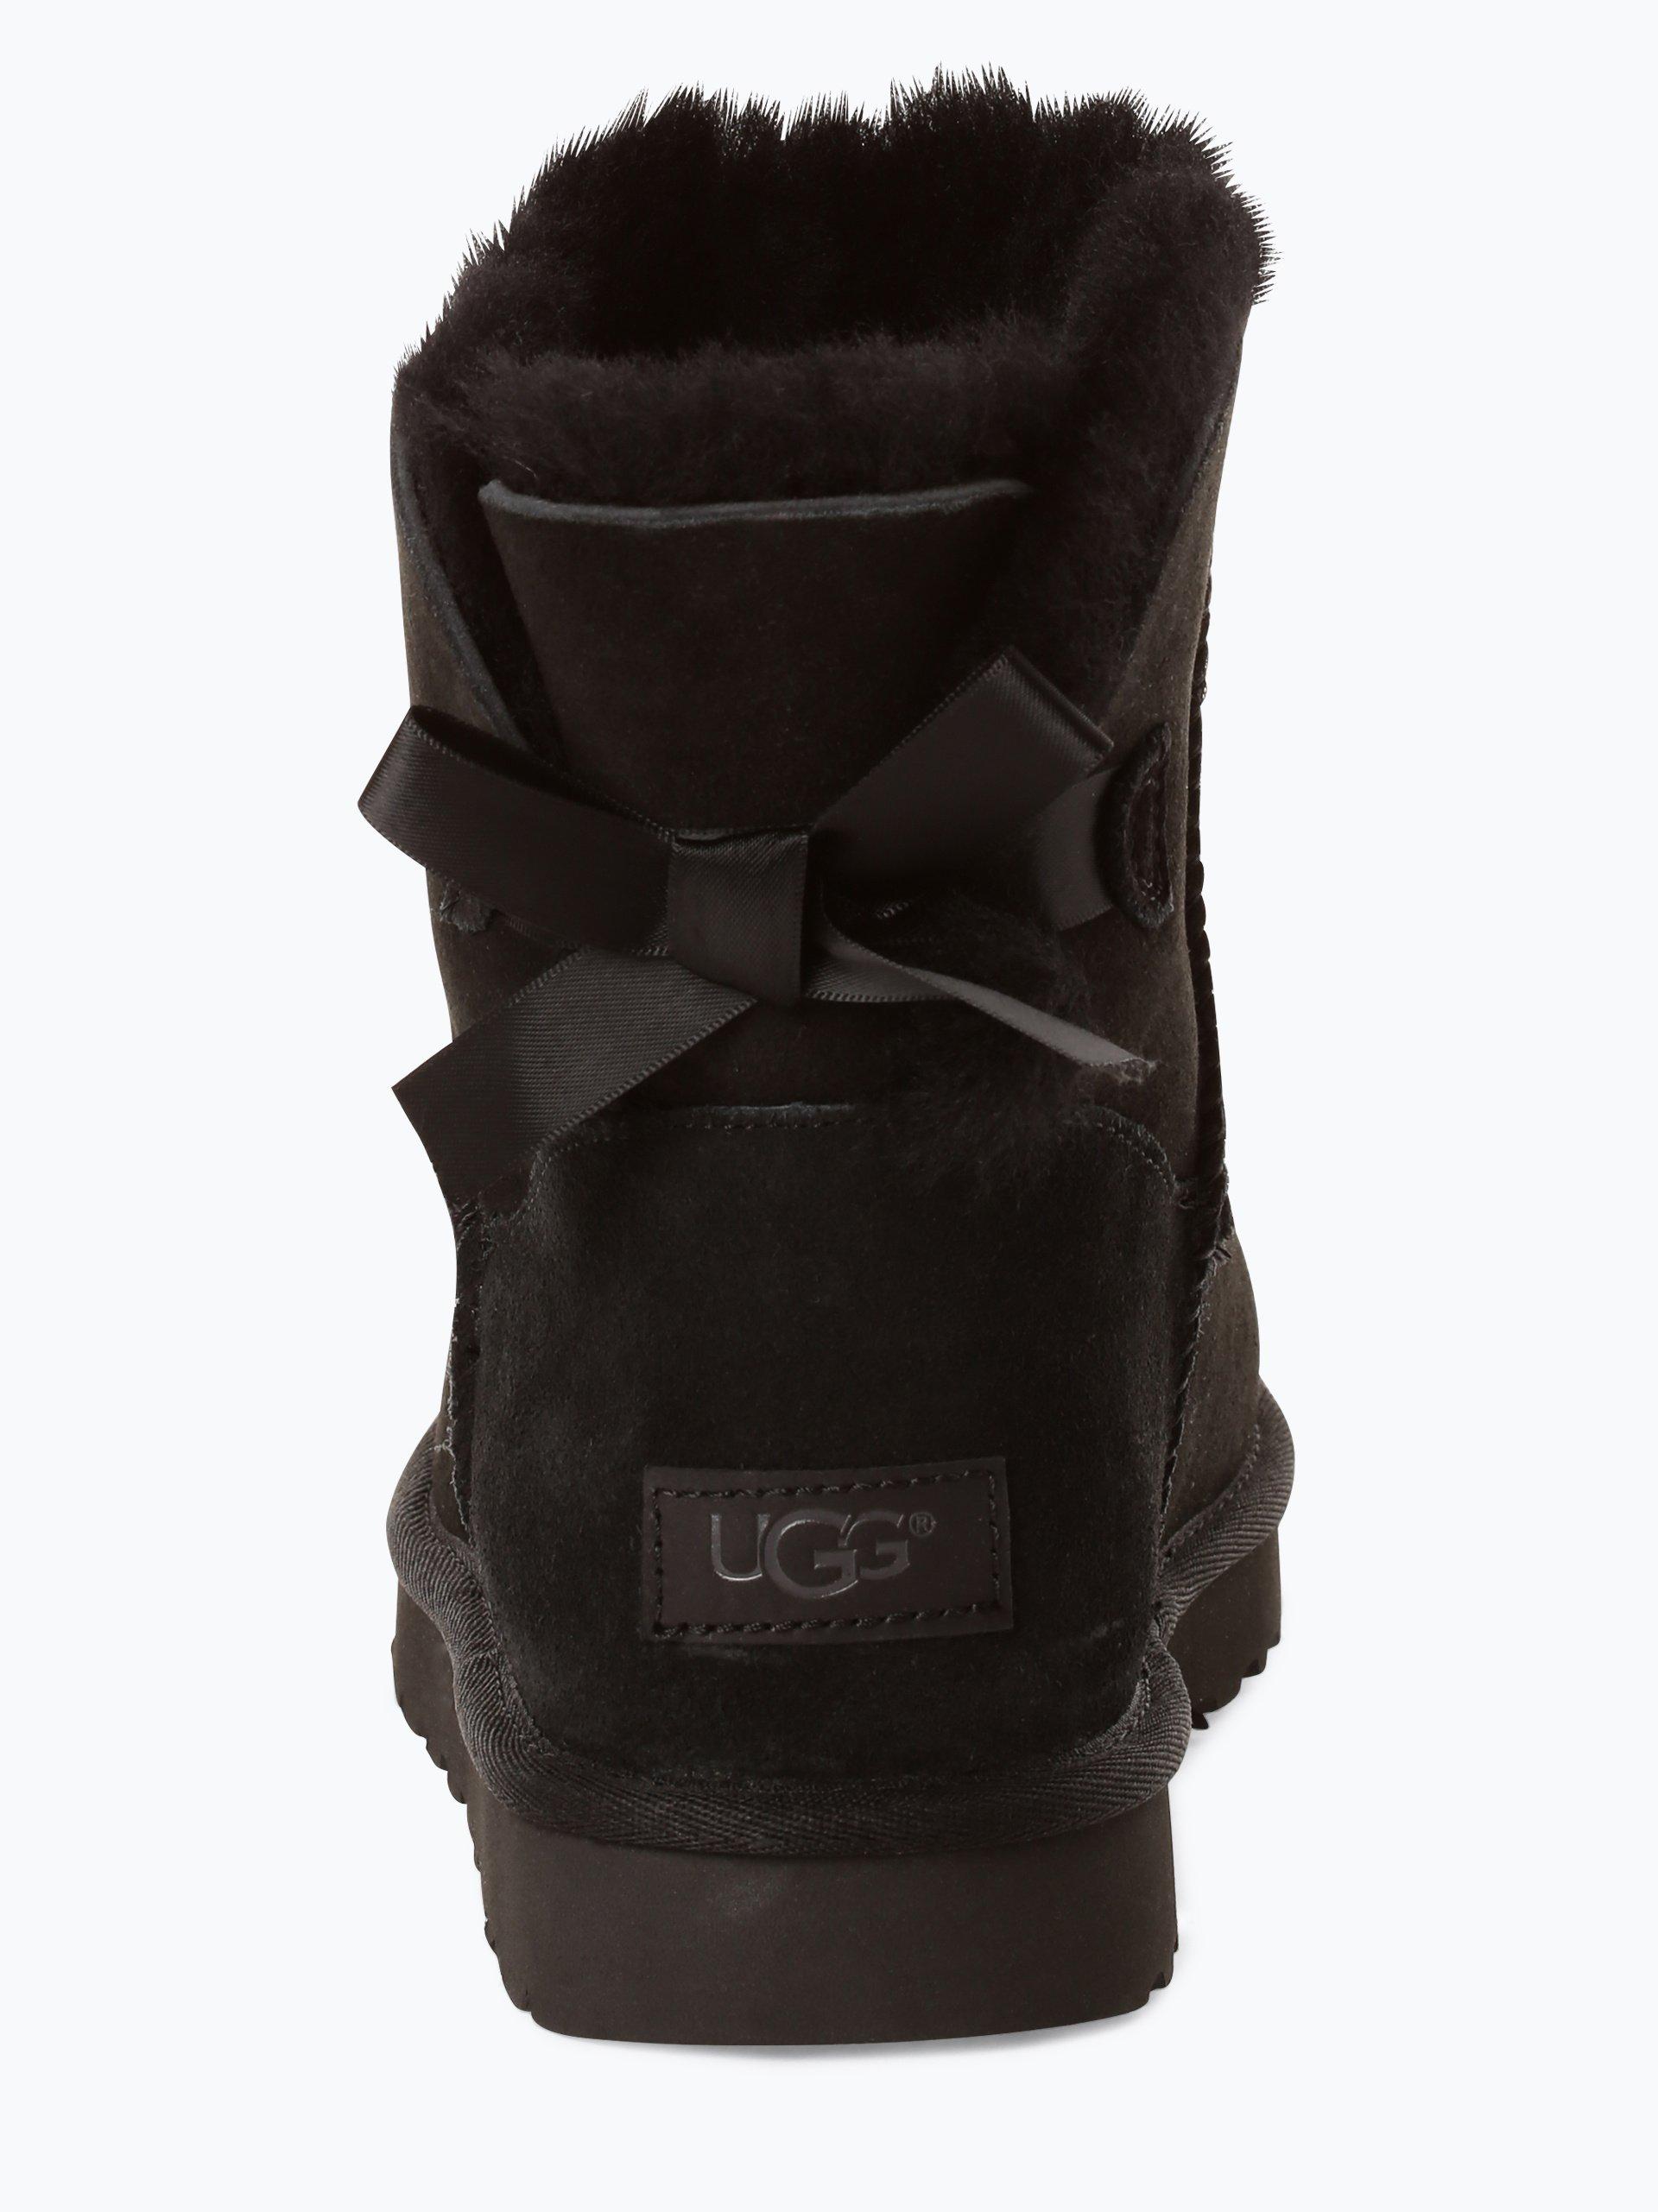 UGG Kozaki damskie ze skóry – Mini Bailey Bow II